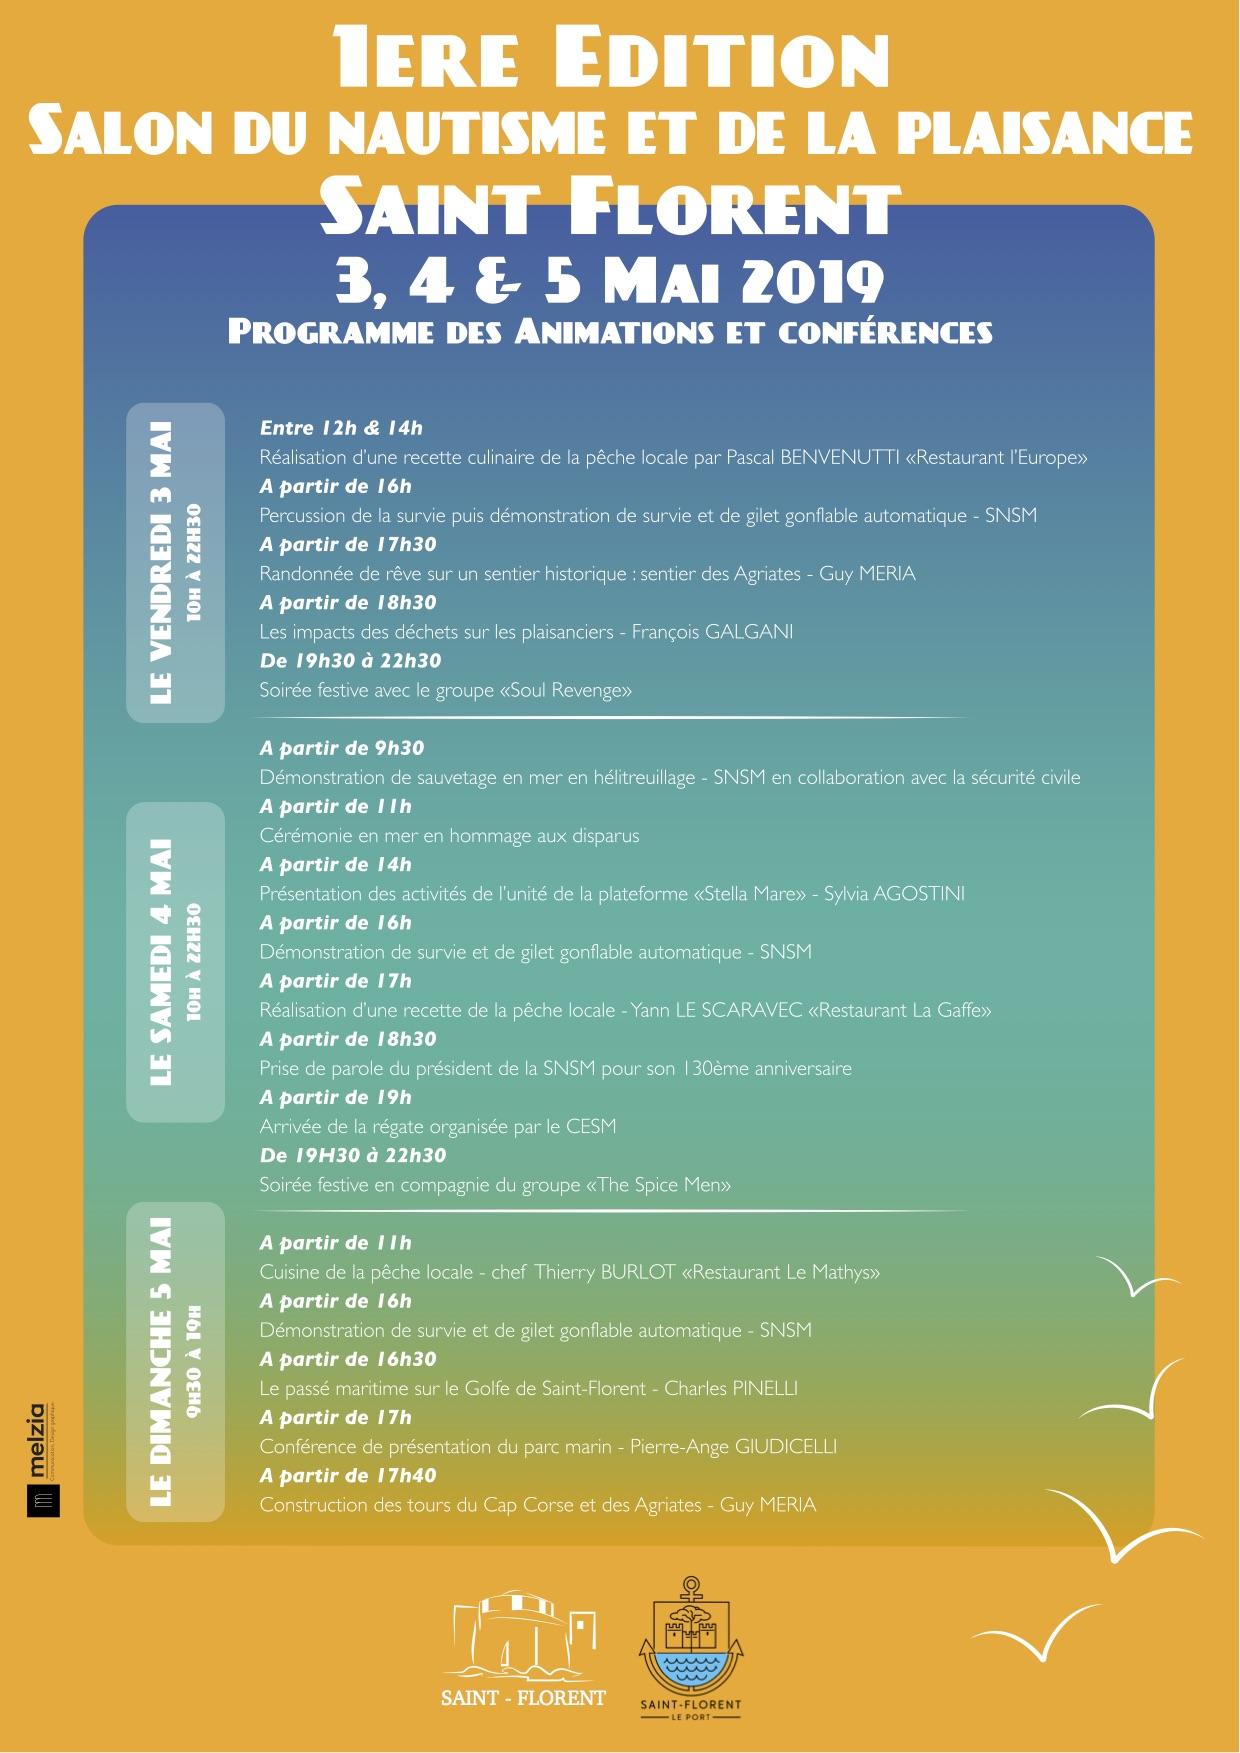 Saint-Florent : Le salon du nautisme et de la plaisance c'est ce week-end